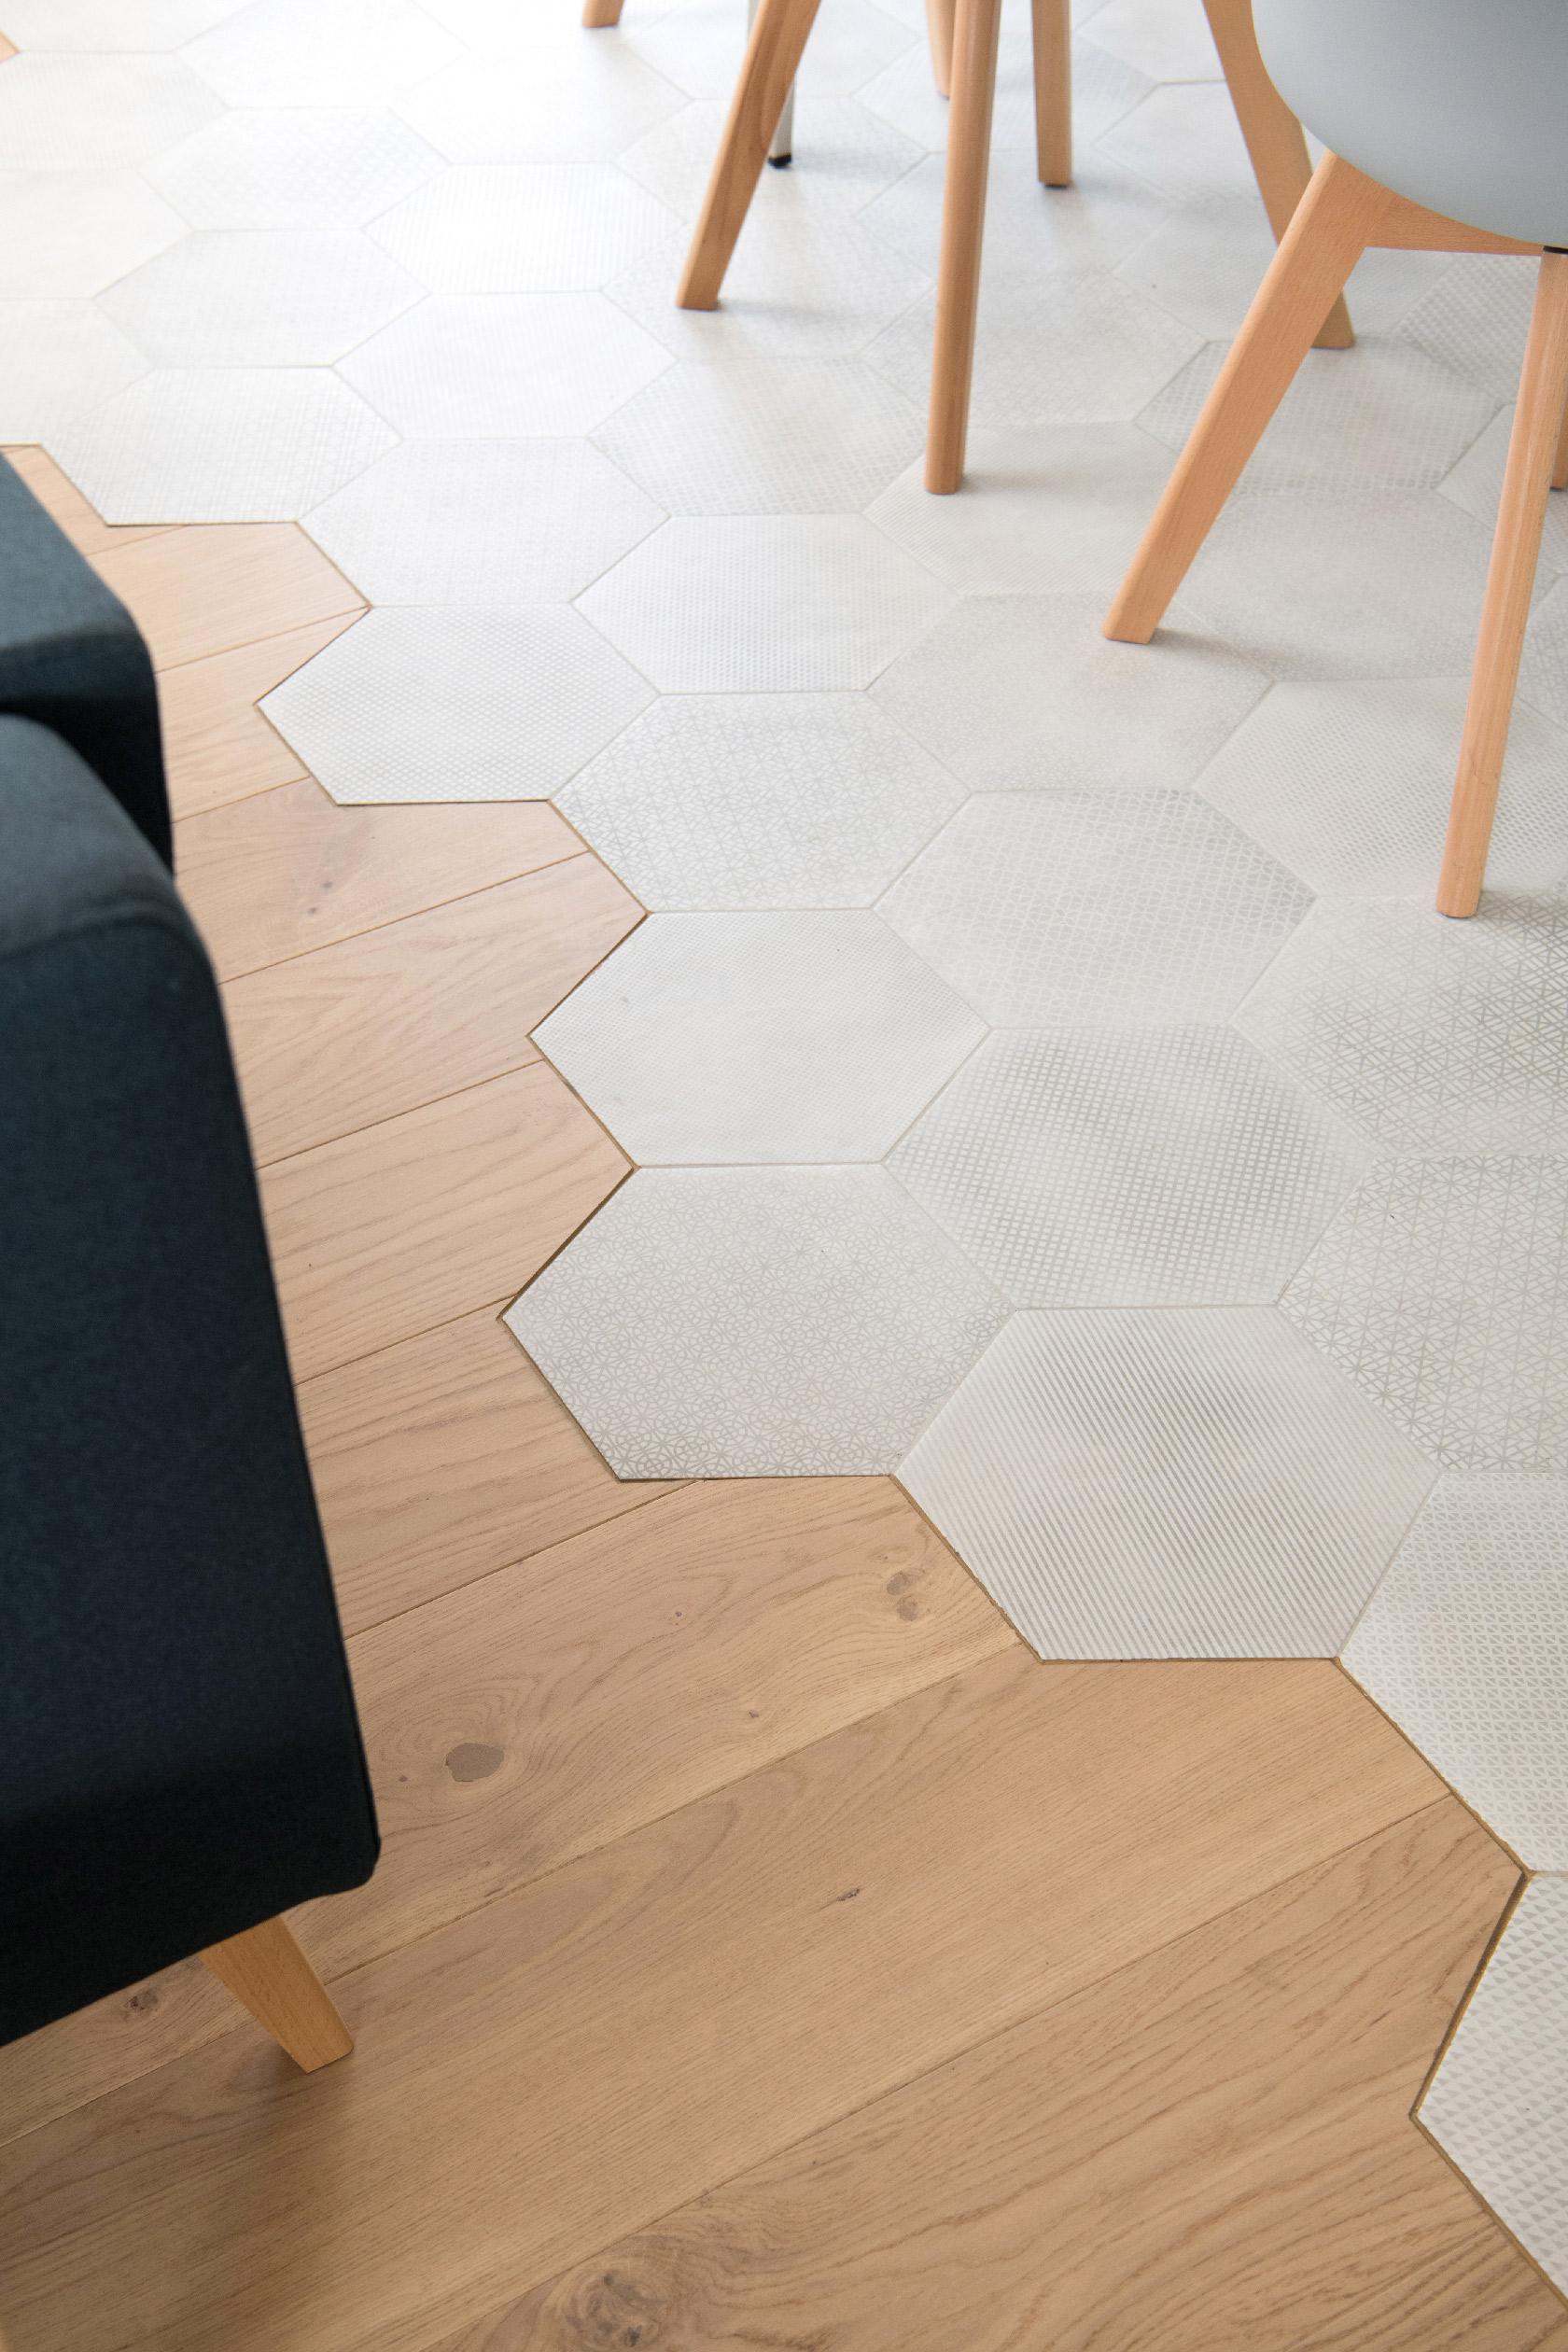 Au sol, la forme du carrelage imitant un carreau de ciment à motif gris au format hexagonal est épousée par la découpe du parquet en chêne clair.